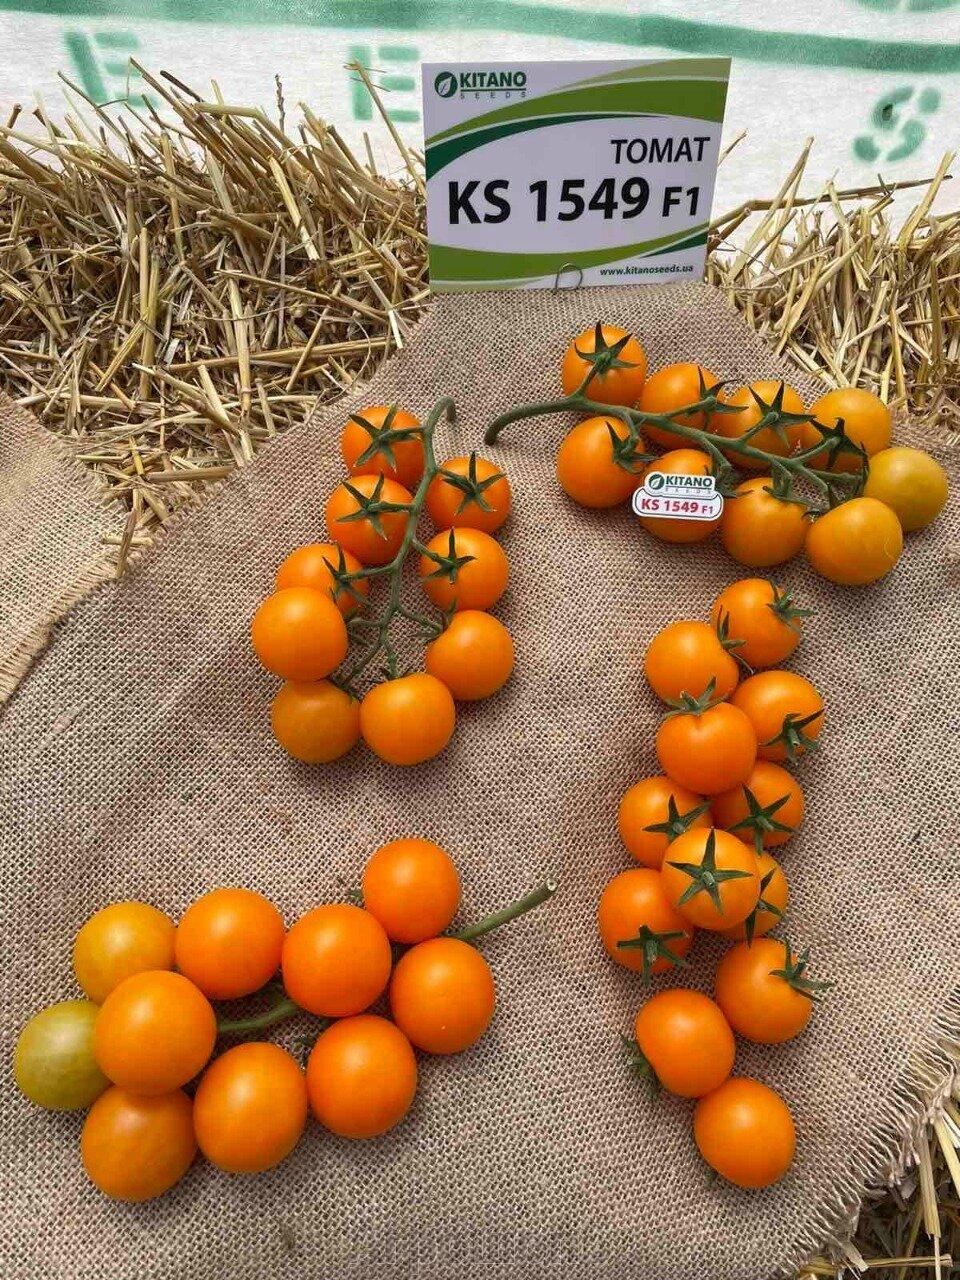 День поля по томатам от компании Kitano - фото pic_79eab6f71ecb1cb297c768be185629da_1920x9000_1.jpg